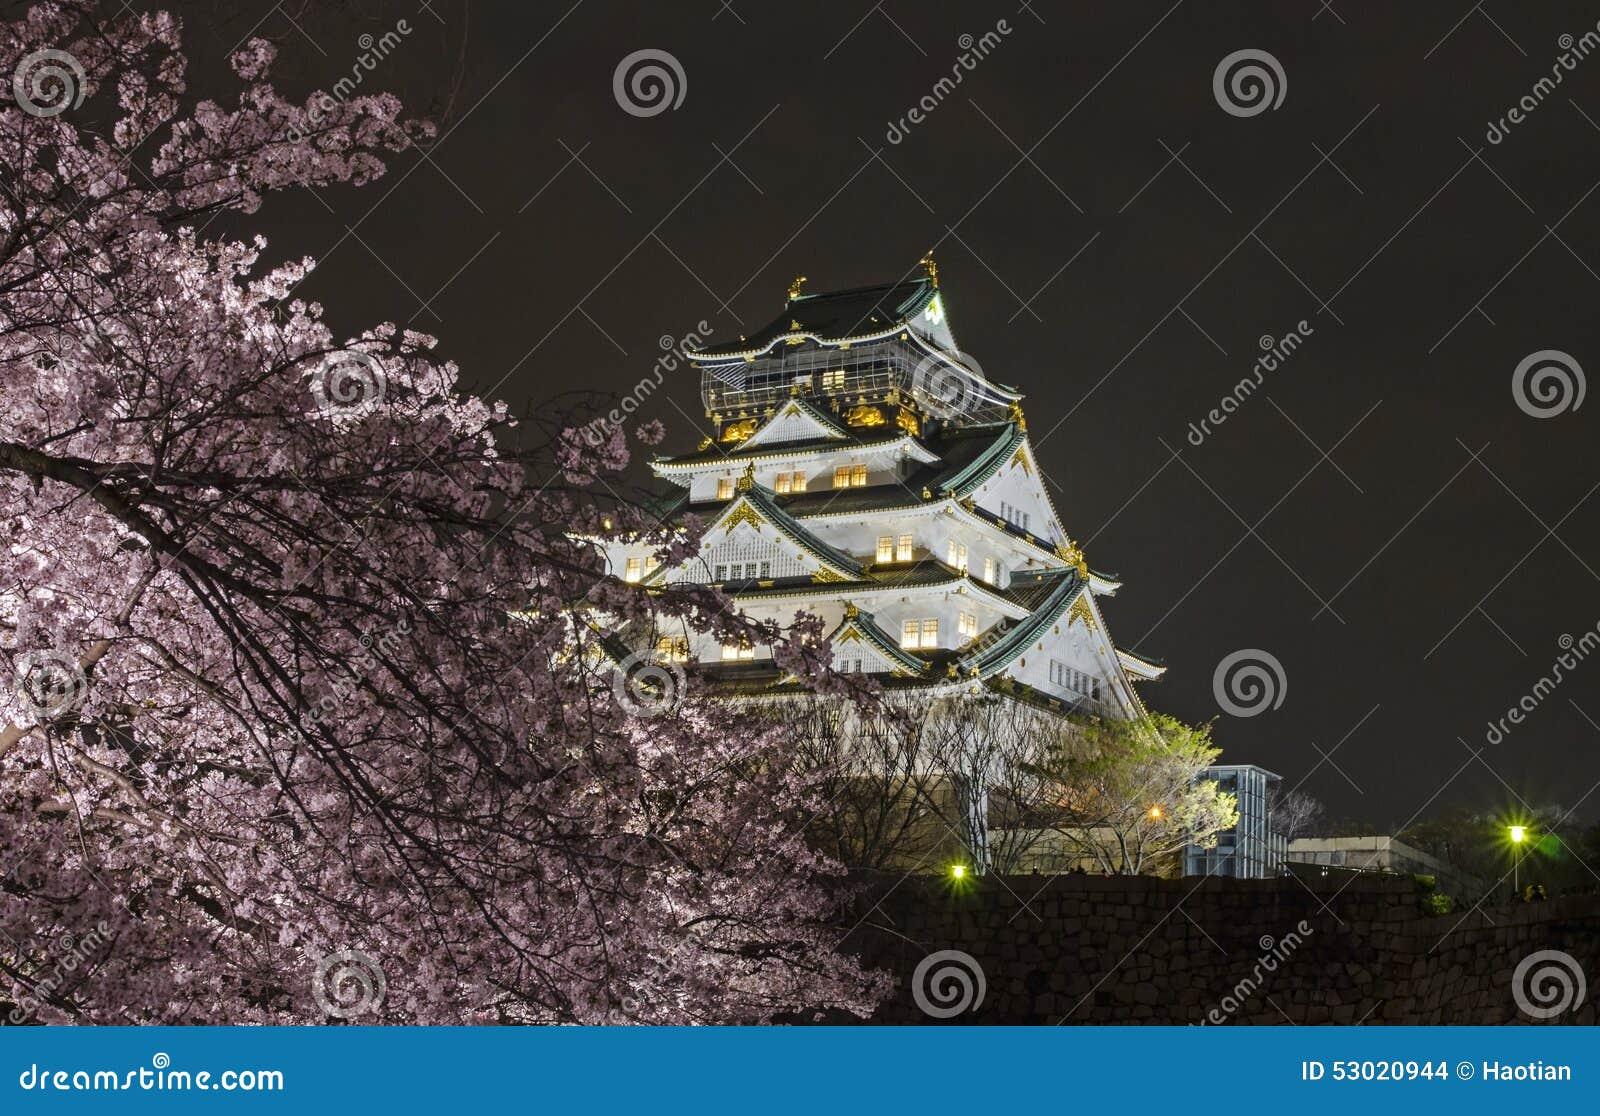 Osaka Castle Night View